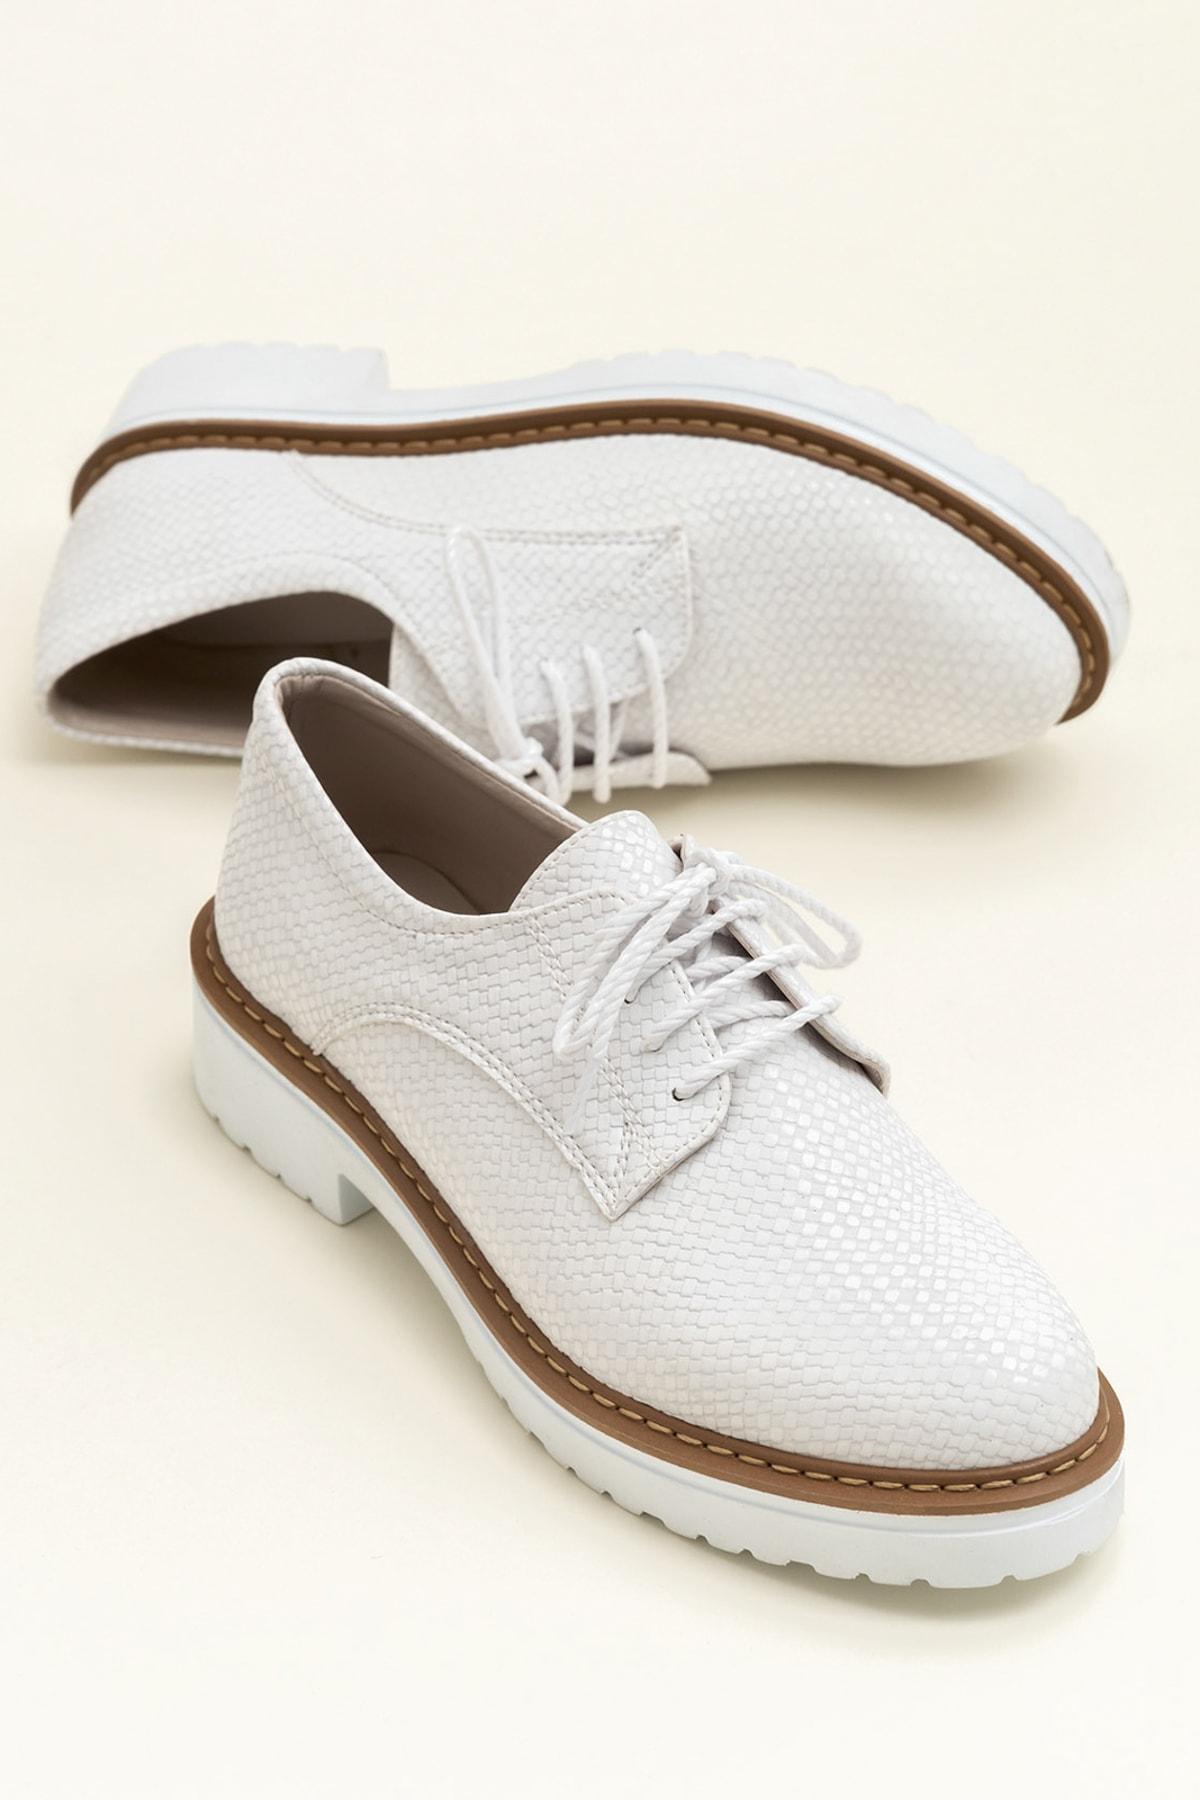 Elle Shoes LYSANNE-1 Beyaz Kadın Ayakkabı 1